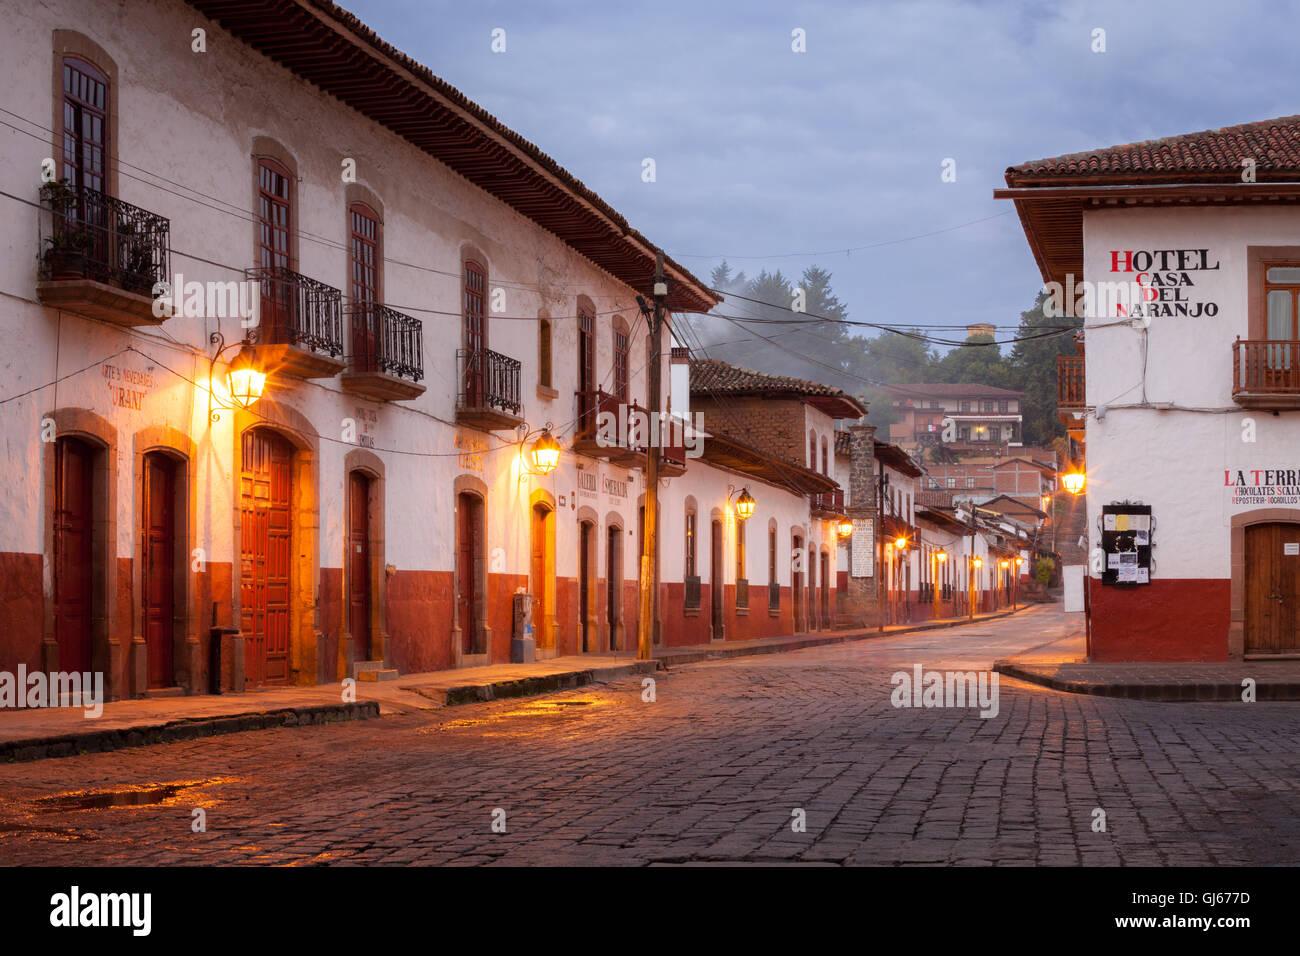 Ruhigen Straße im Morgengrauen in der Kolonialen Dorf von patzcuaro, Michoacán, Mexiko. Stockbild